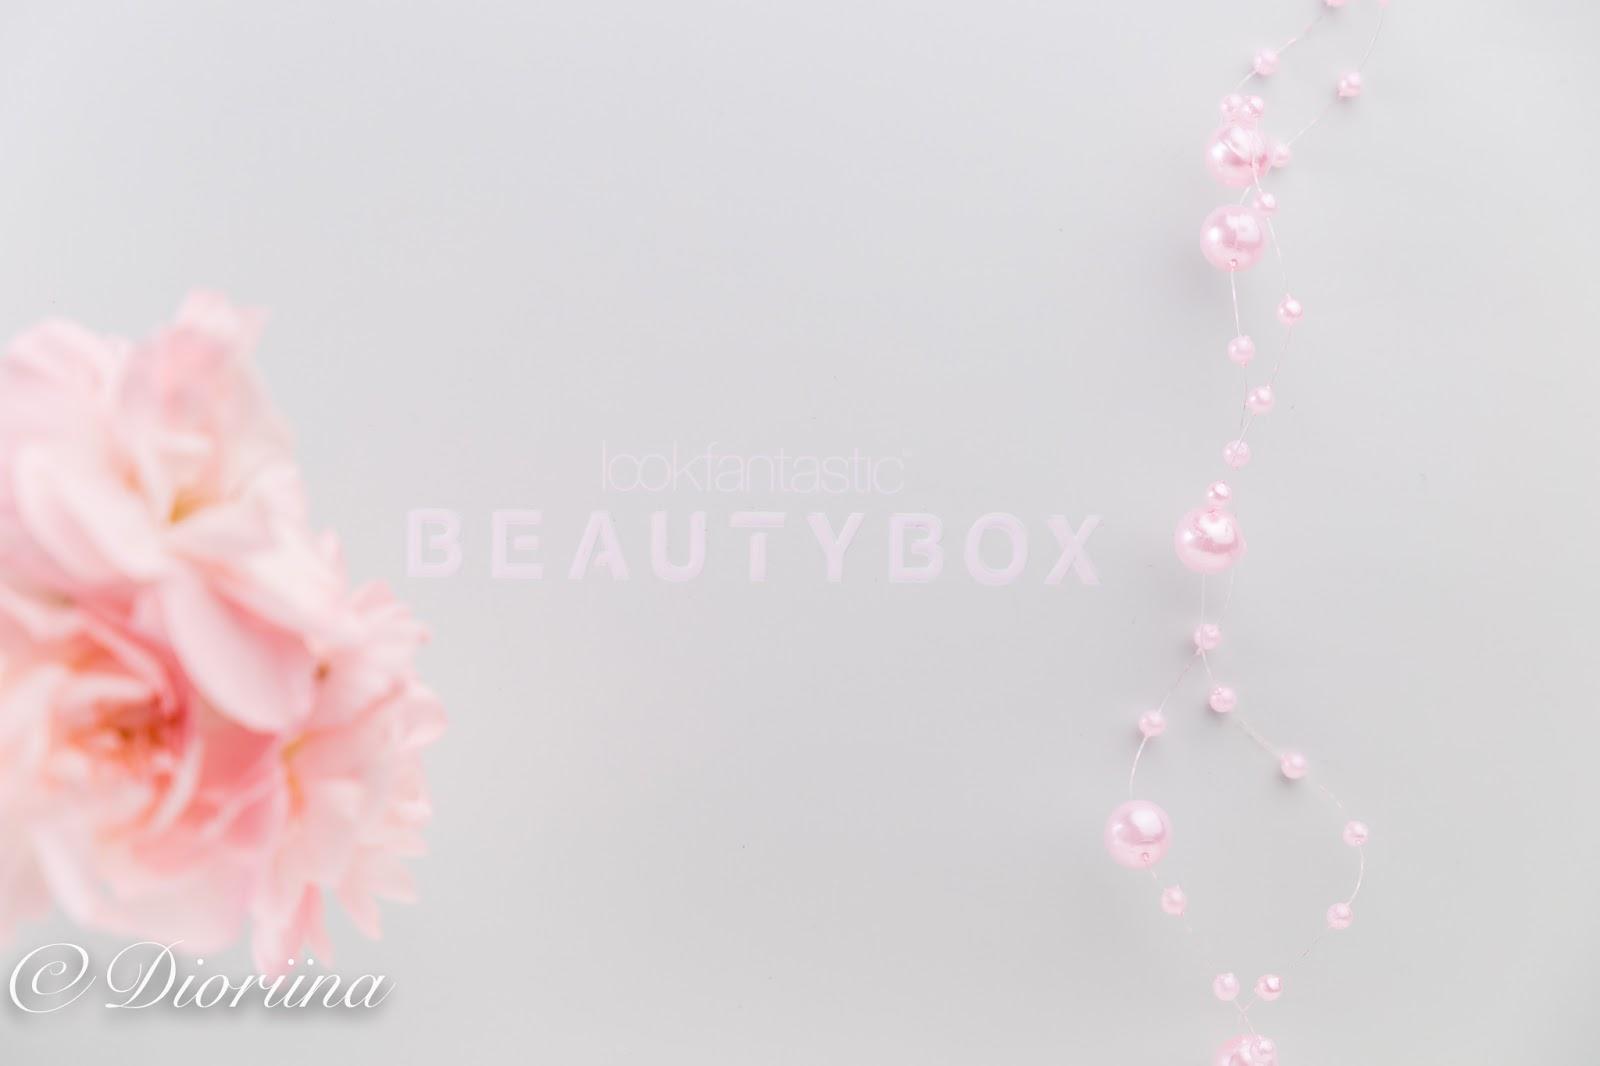 toukokuun kauneusboxi